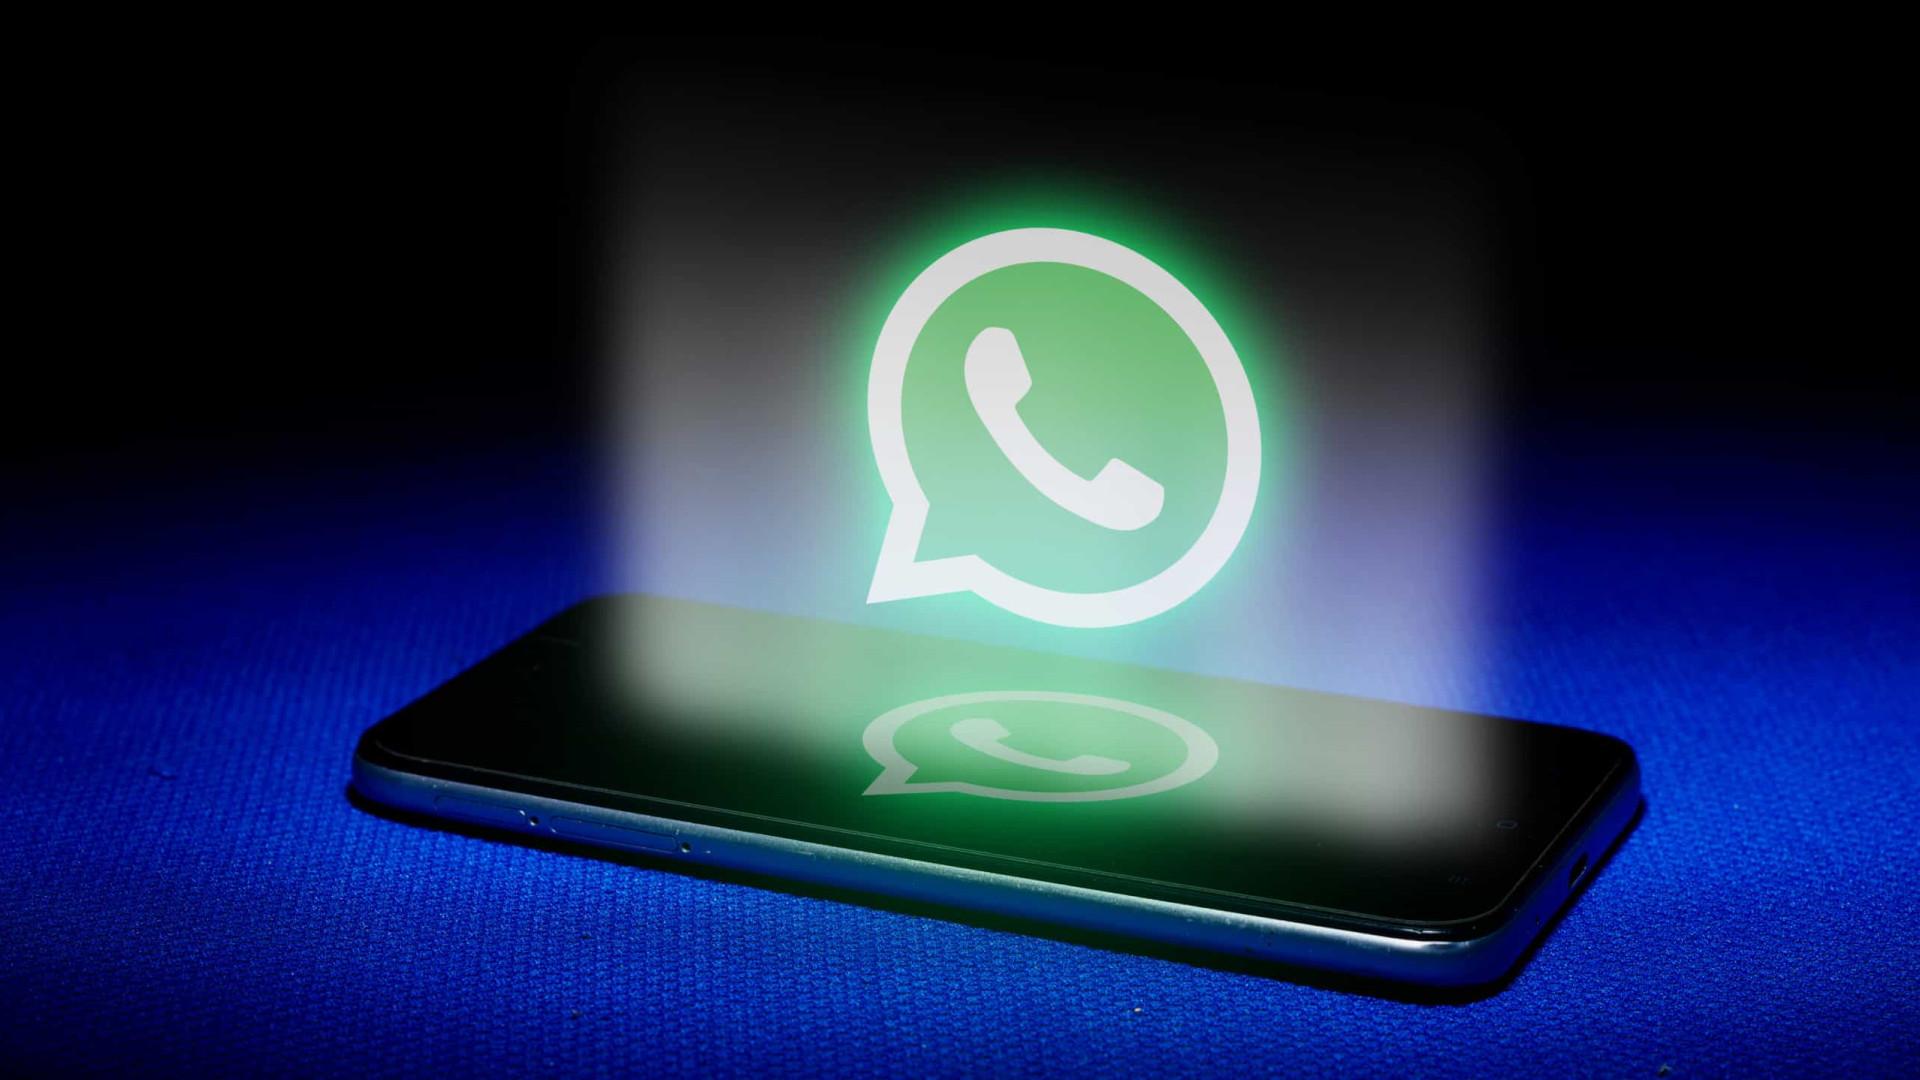 WhatsApp está prestes a lançar mensagens que desaparecem